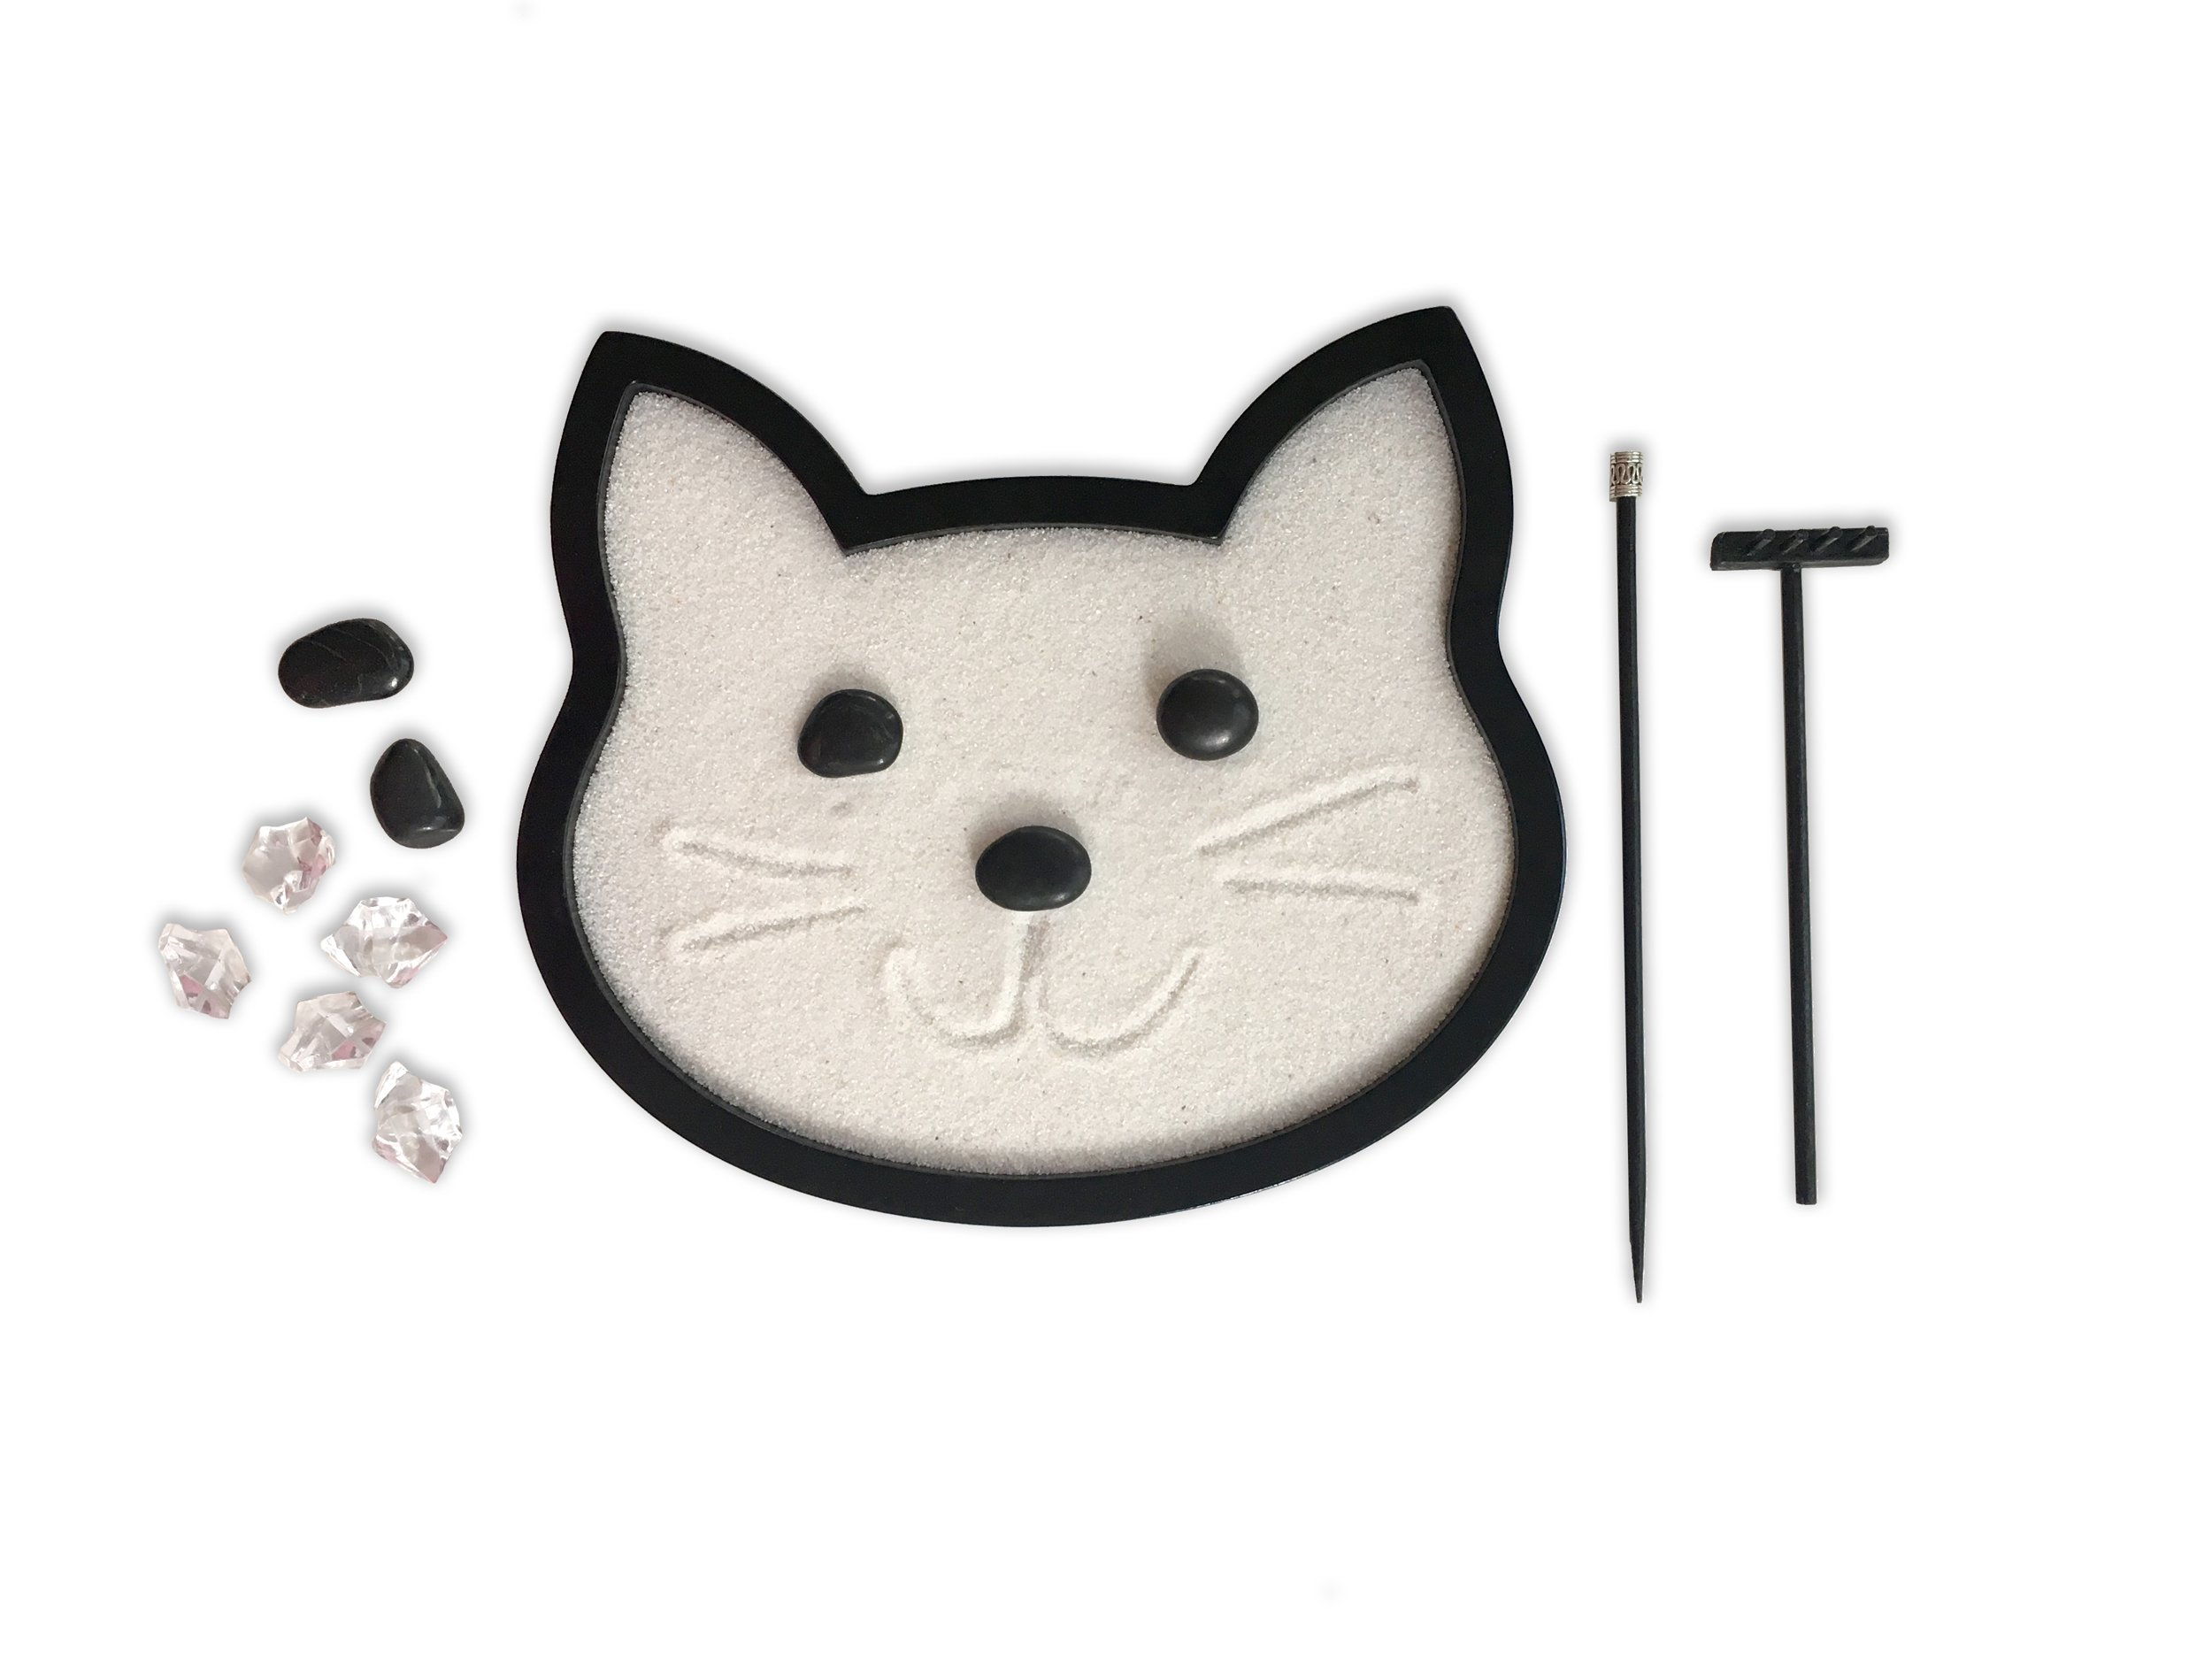 Mini Zen Garden Cat, Black Feline Kitty Cat Desktop Sandbox for Meditation and Relaxation by Zen Life